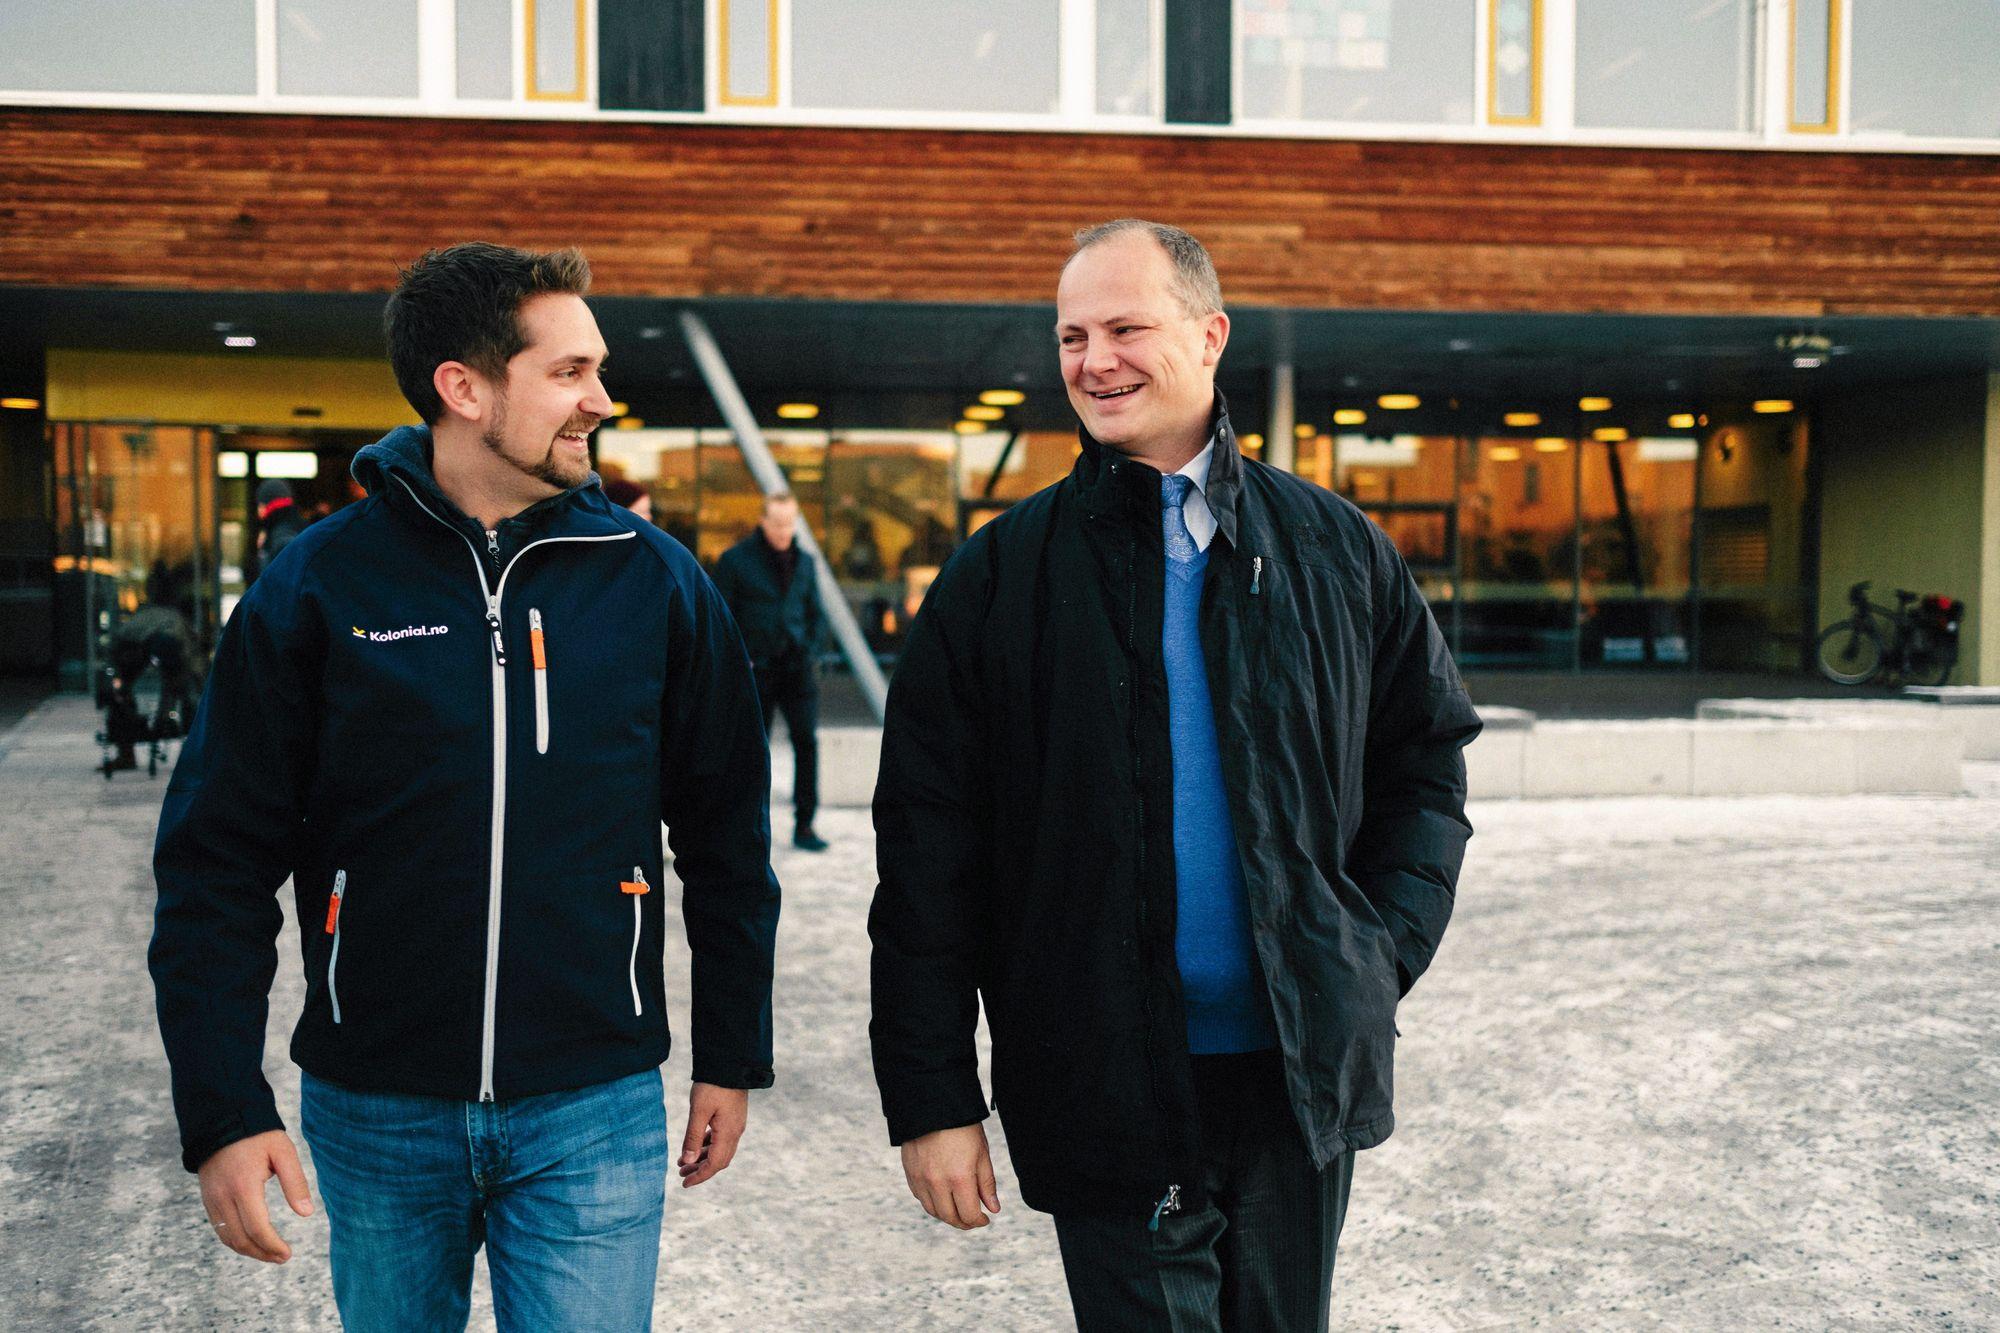 VELDIG SPENNENDE: Samferdselsminister Ketil Solvik-Olsen mener teknologien Kolonial.no-sjef, Karl Munthe Kaas, viste var spennende. Foto: Kolonial.no.